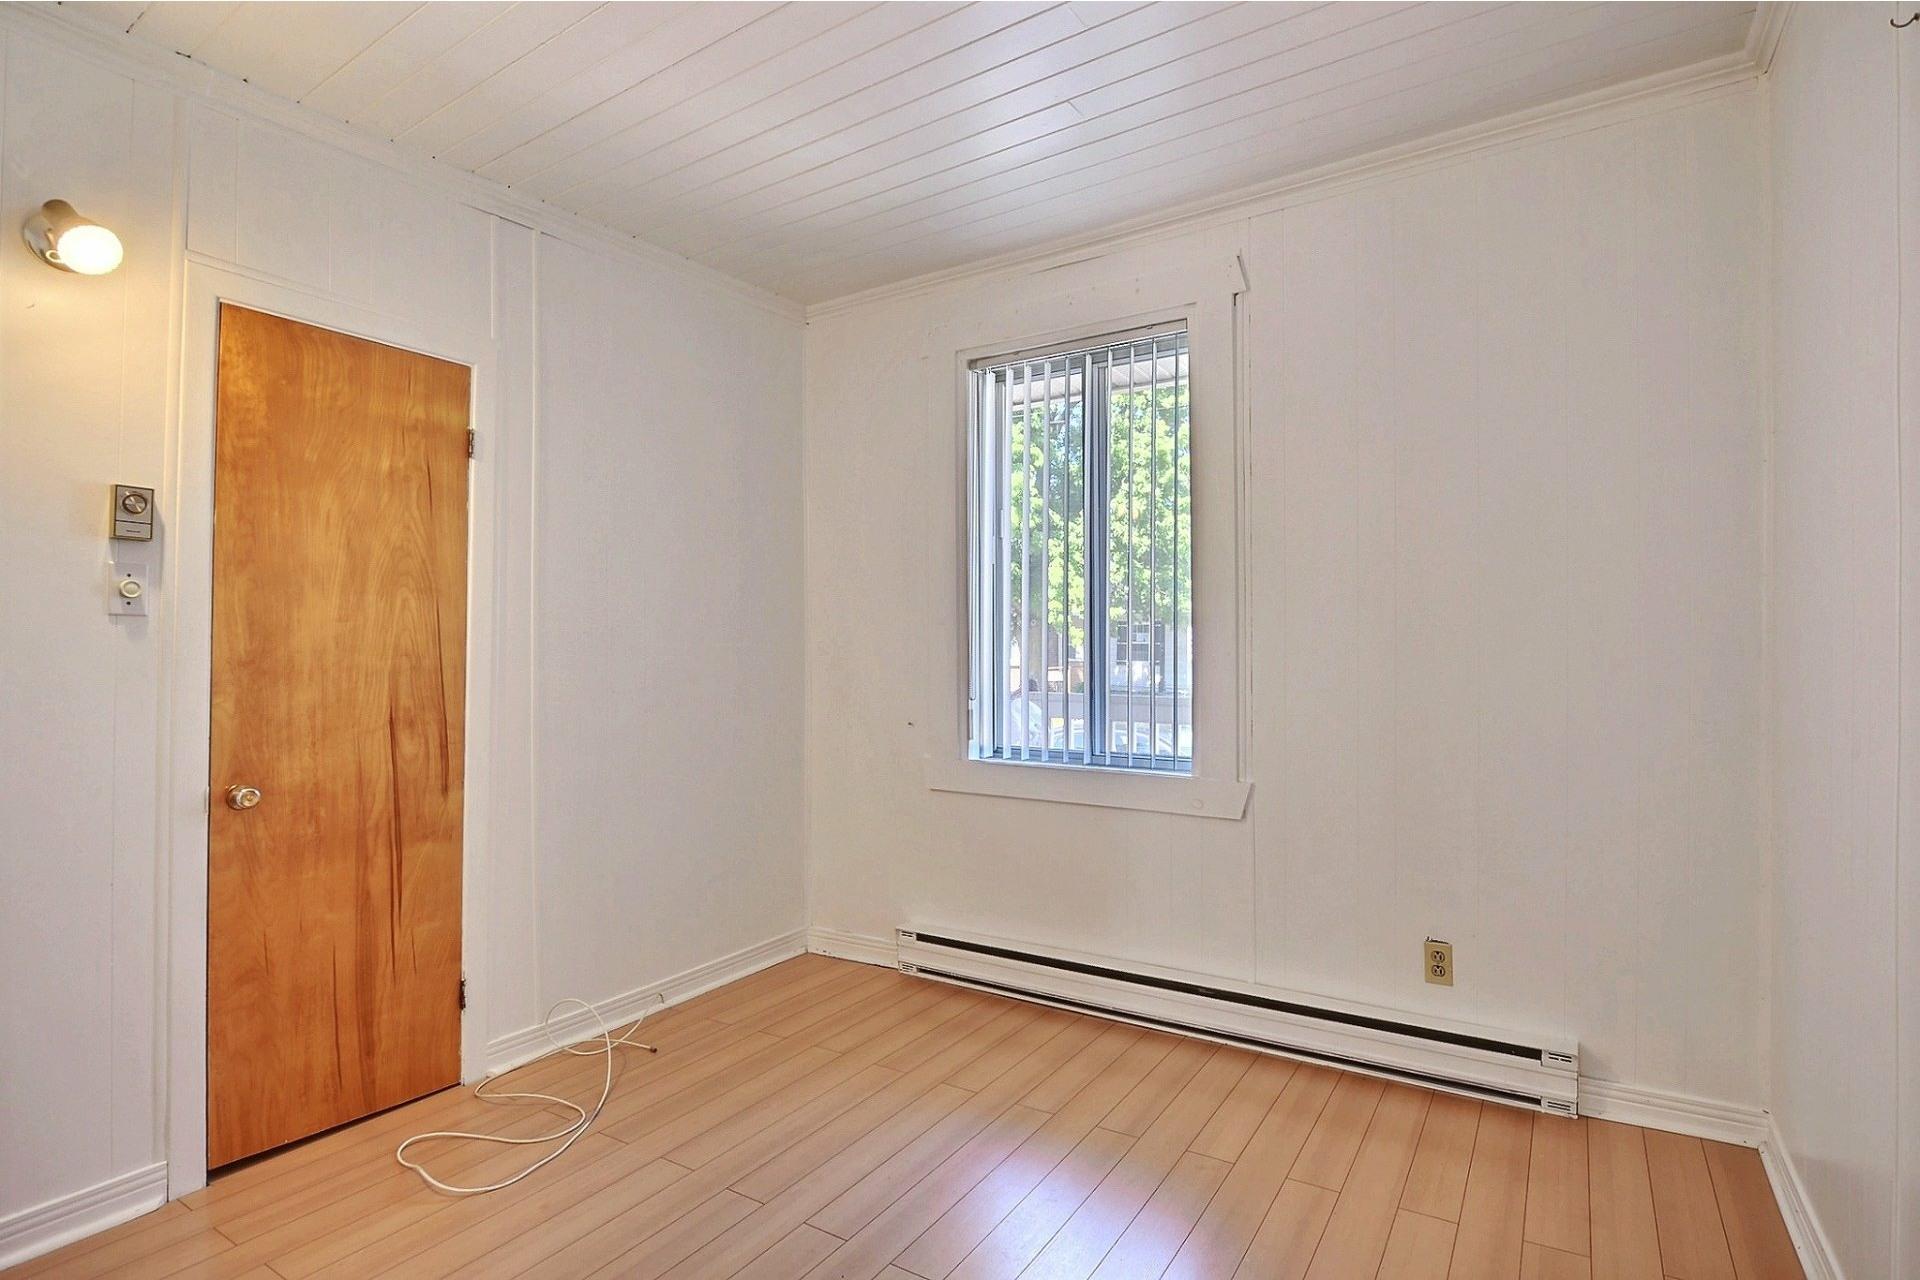 image 9 - Duplex For sale Sainte-Anne-des-Plaines - 4 rooms